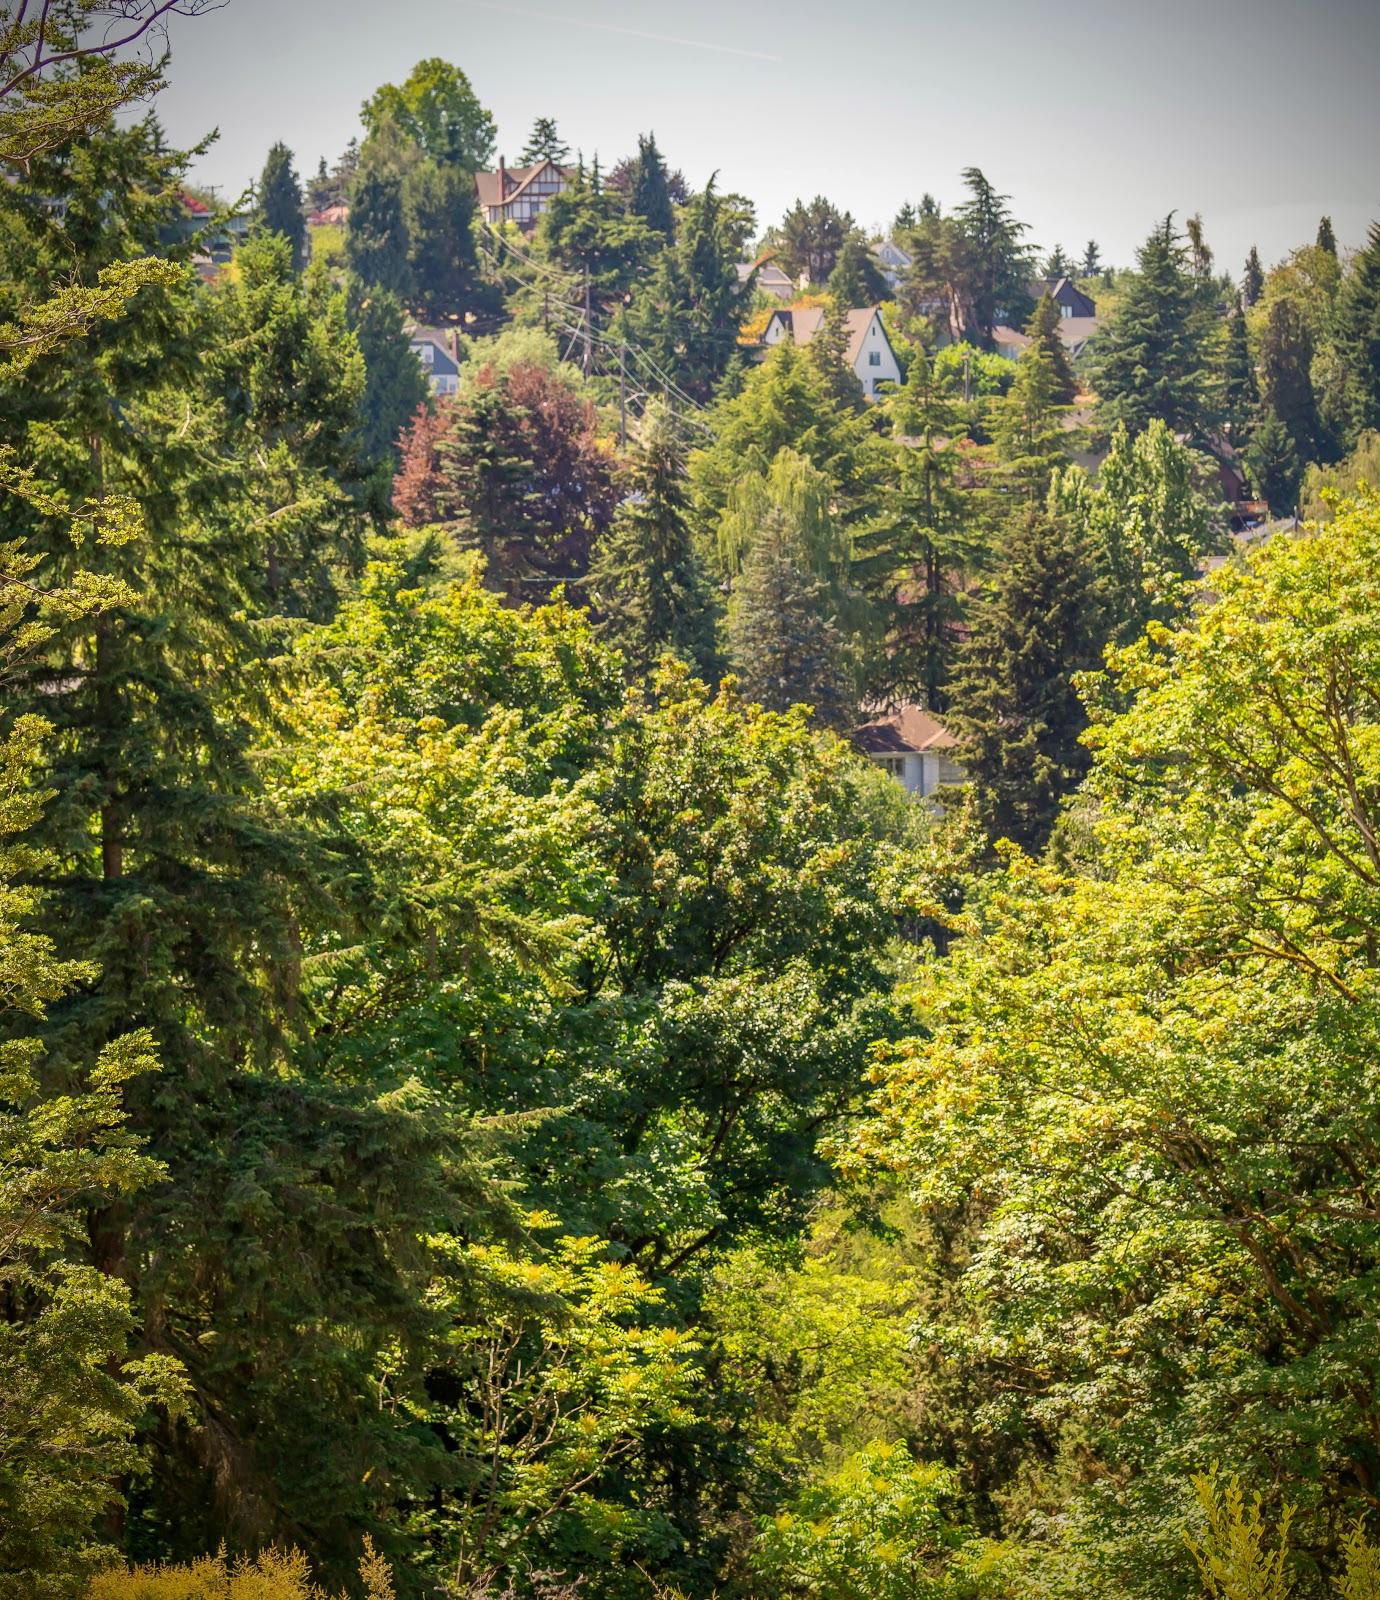 На соседнем холме, достаточно крутом, надо сказать, соревнуясь за вид на парк один над другим расположились домики.